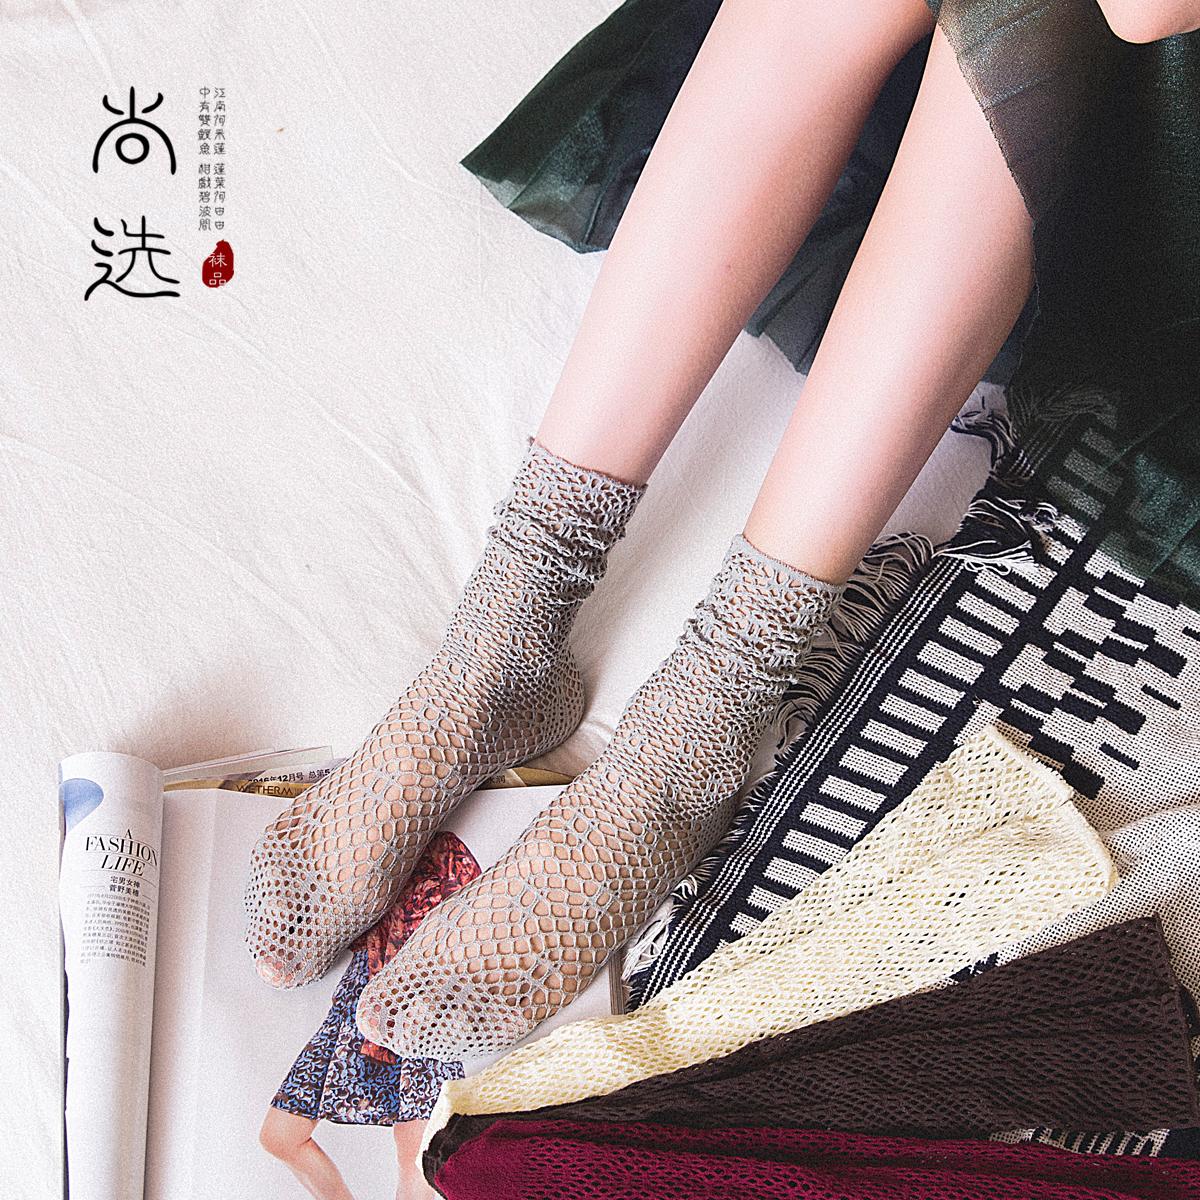 渔网袜子女士丝袜中筒袜秋冬加厚透气镂空堆堆袜女韩版日系中筒袜